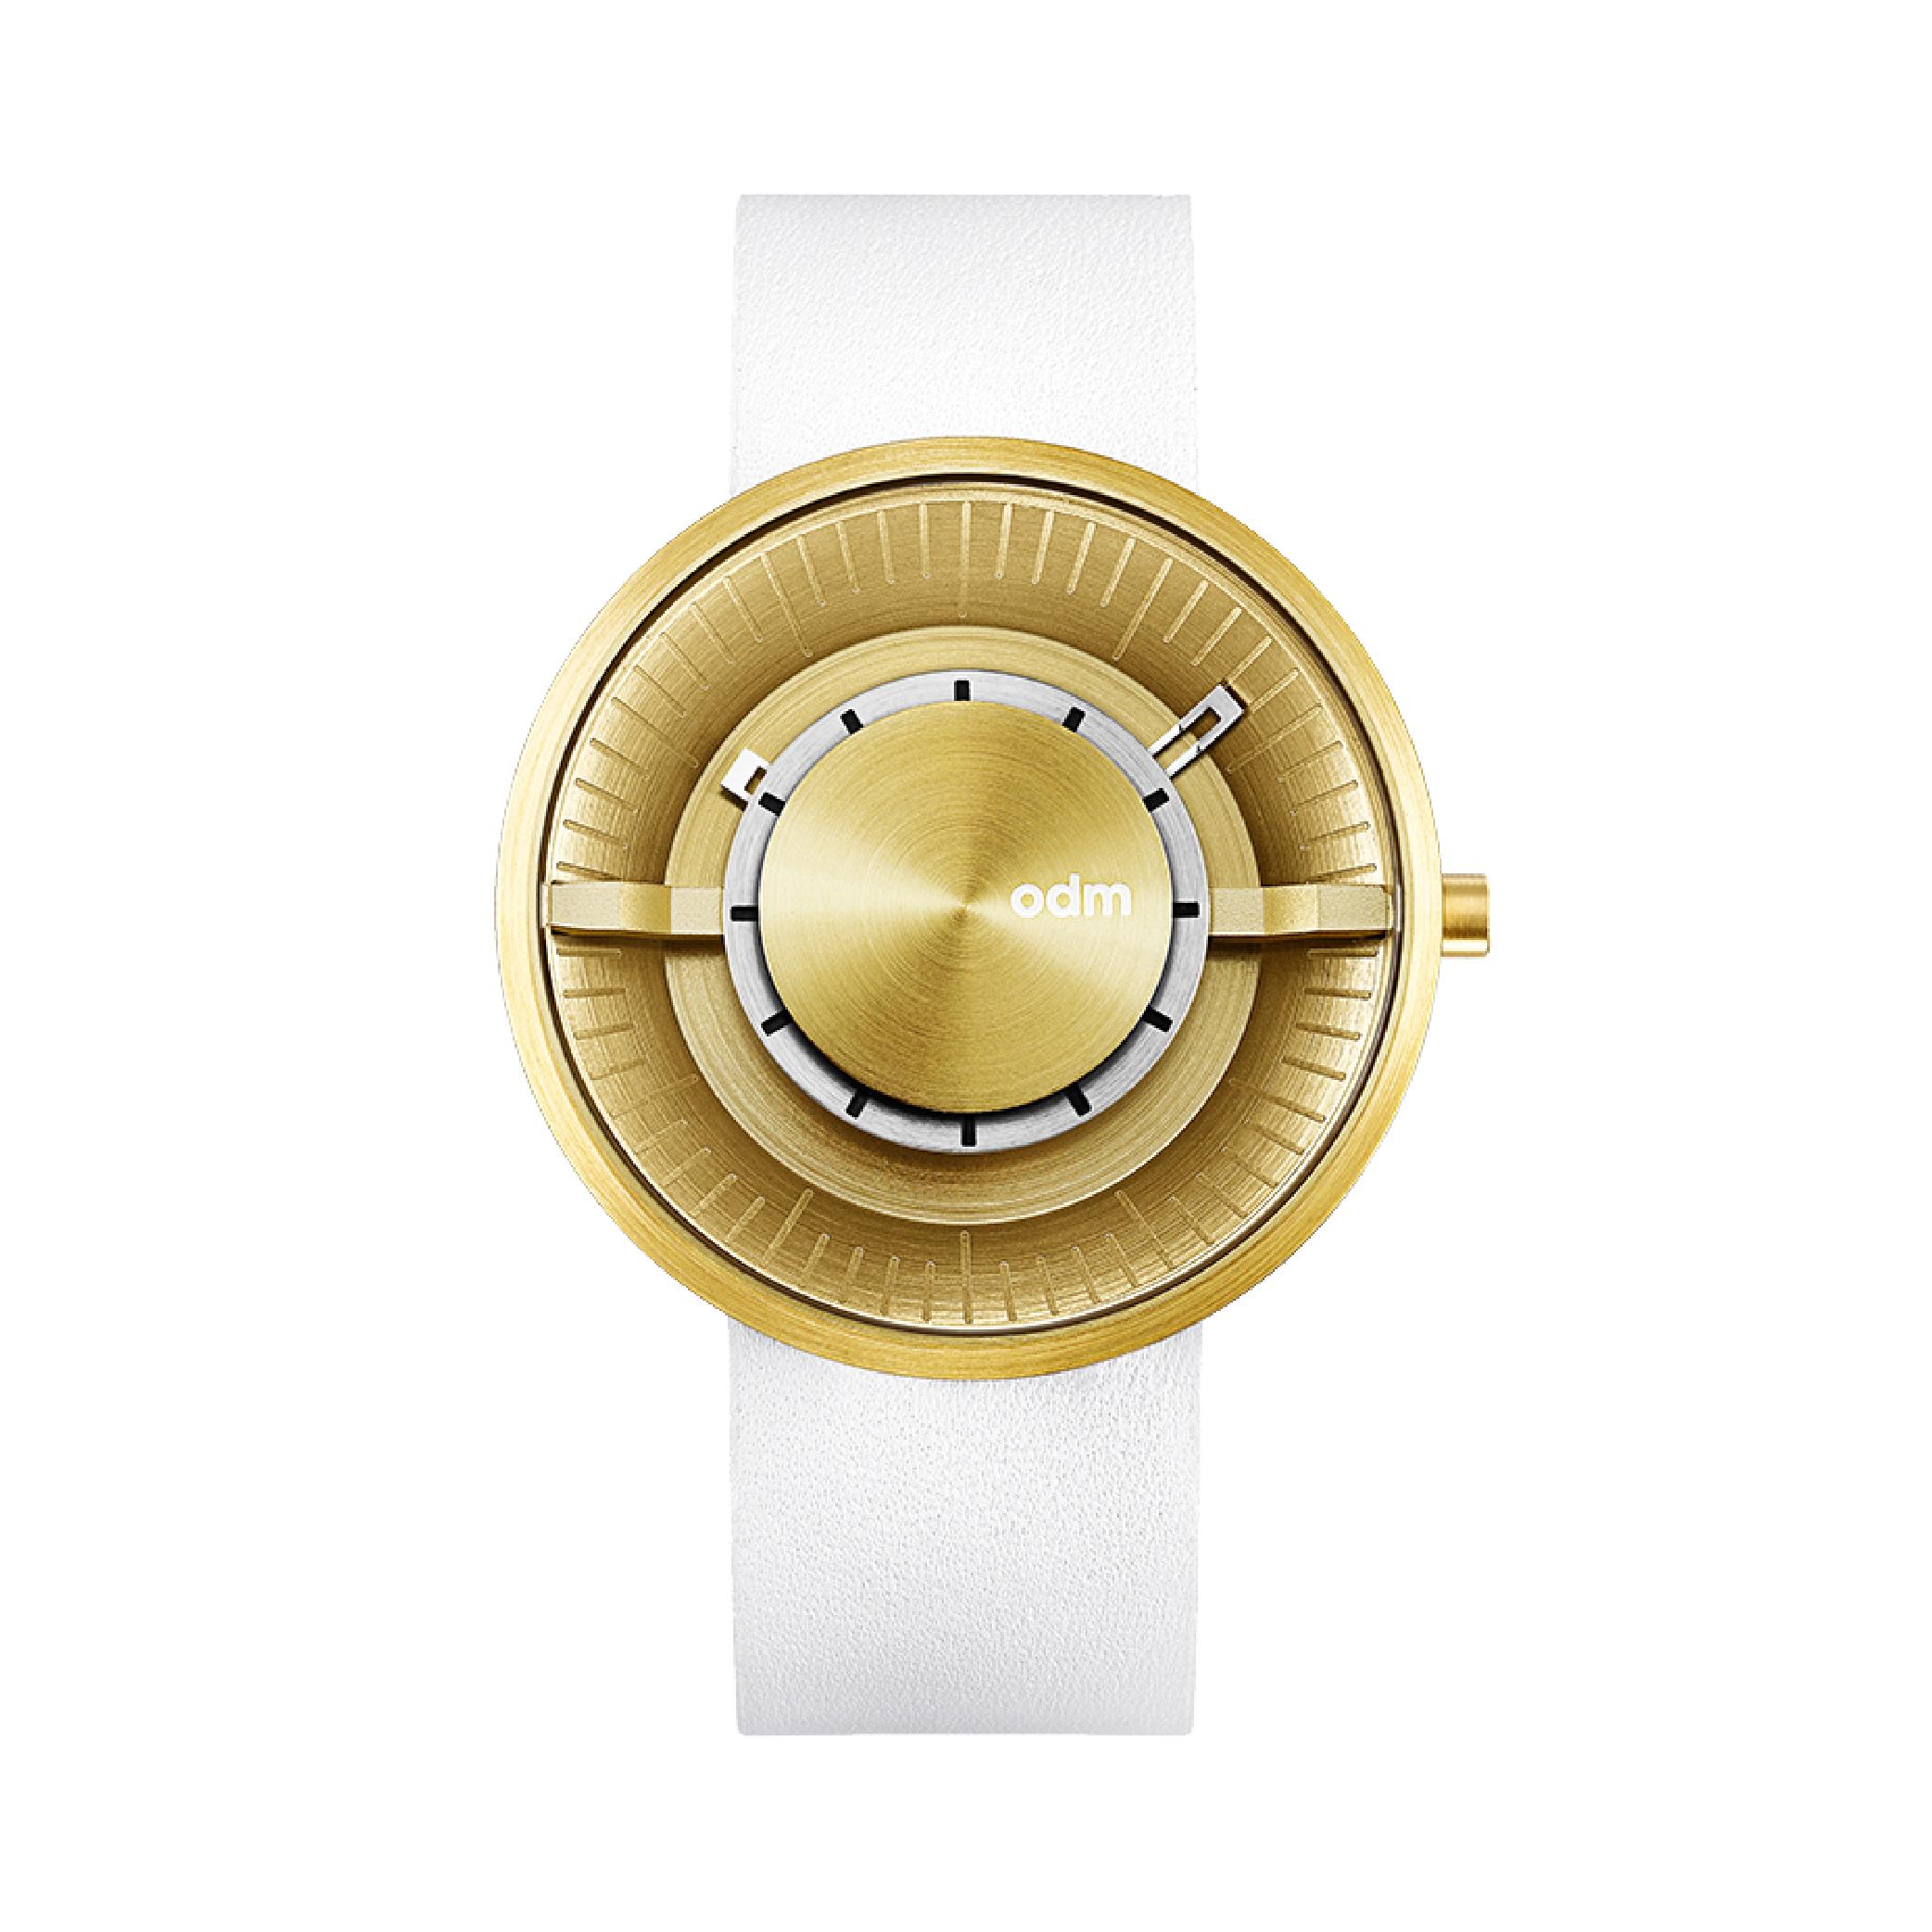 นาฬิกาข้อมือ ODM DD173-03